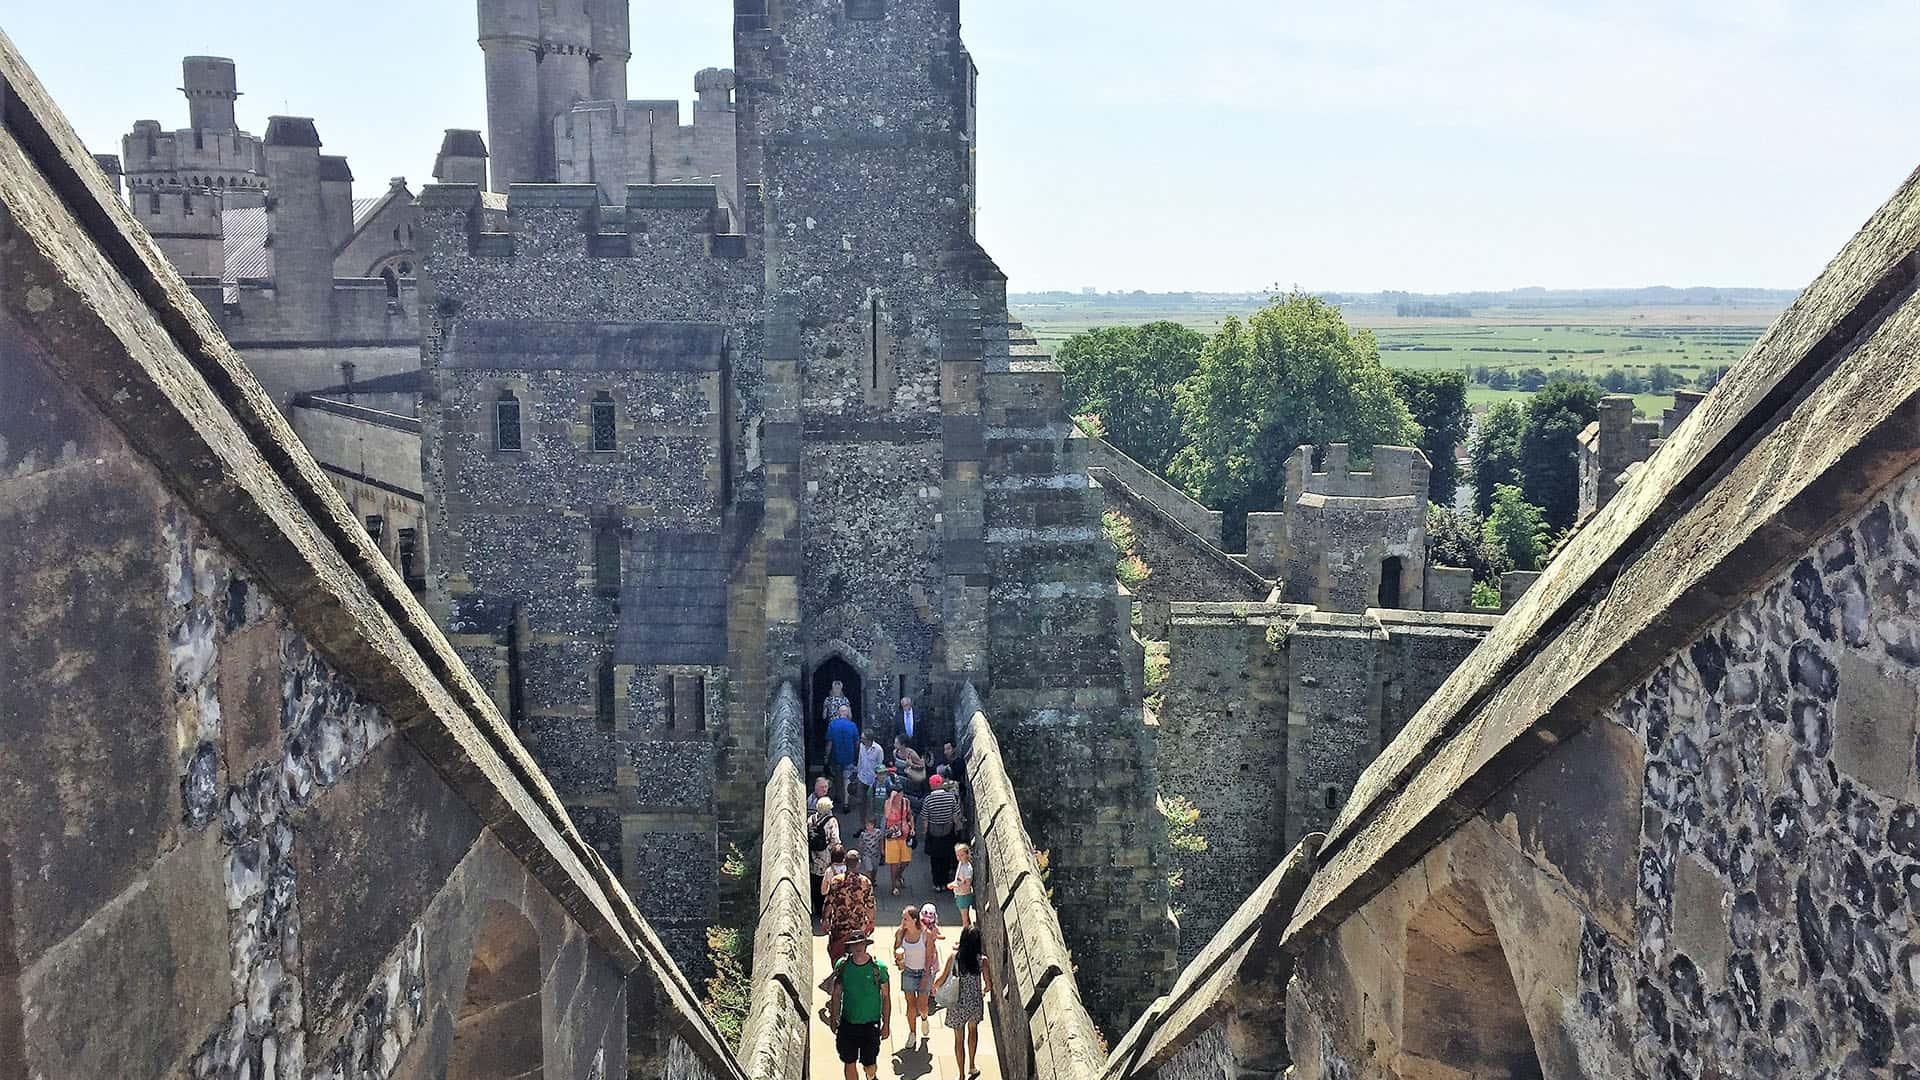 Walking Arundel Castle's walls